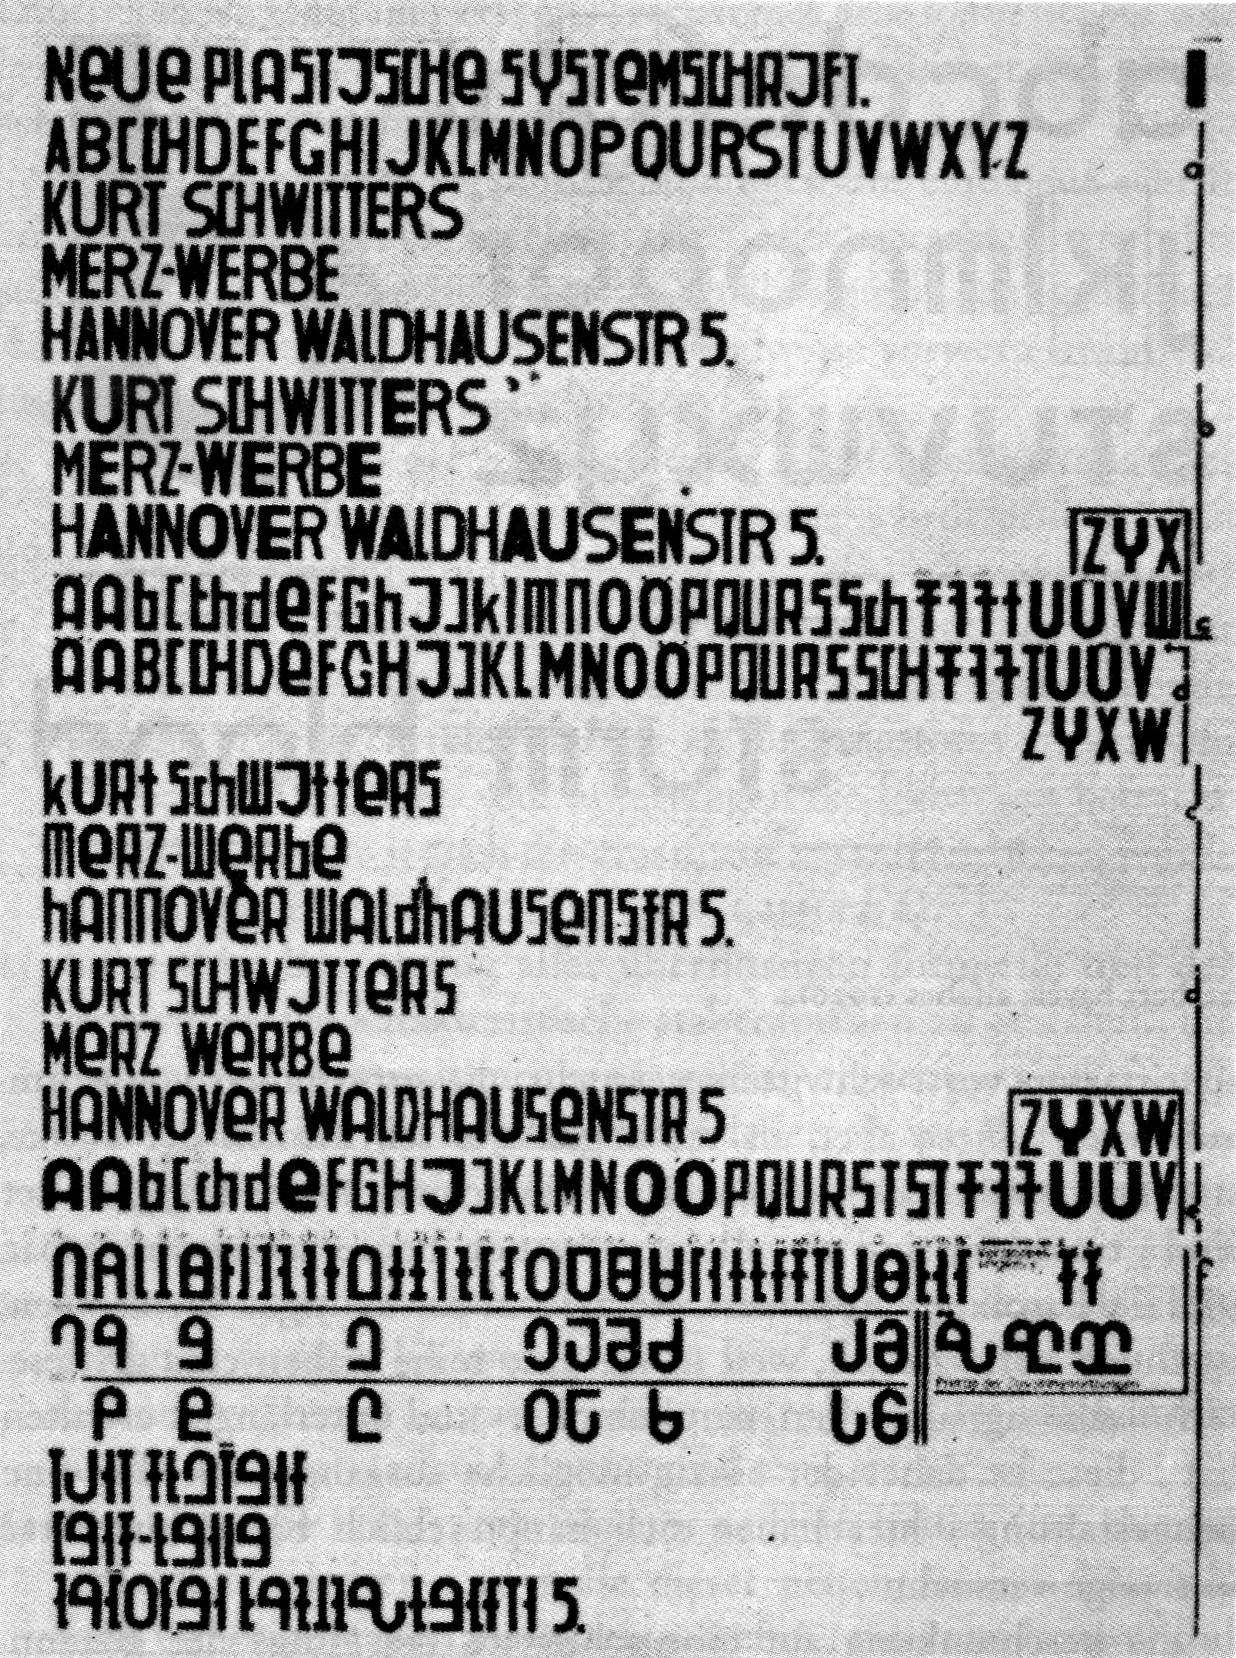 Kurt Schwitter's monocase design for a Systemschrift (1927)